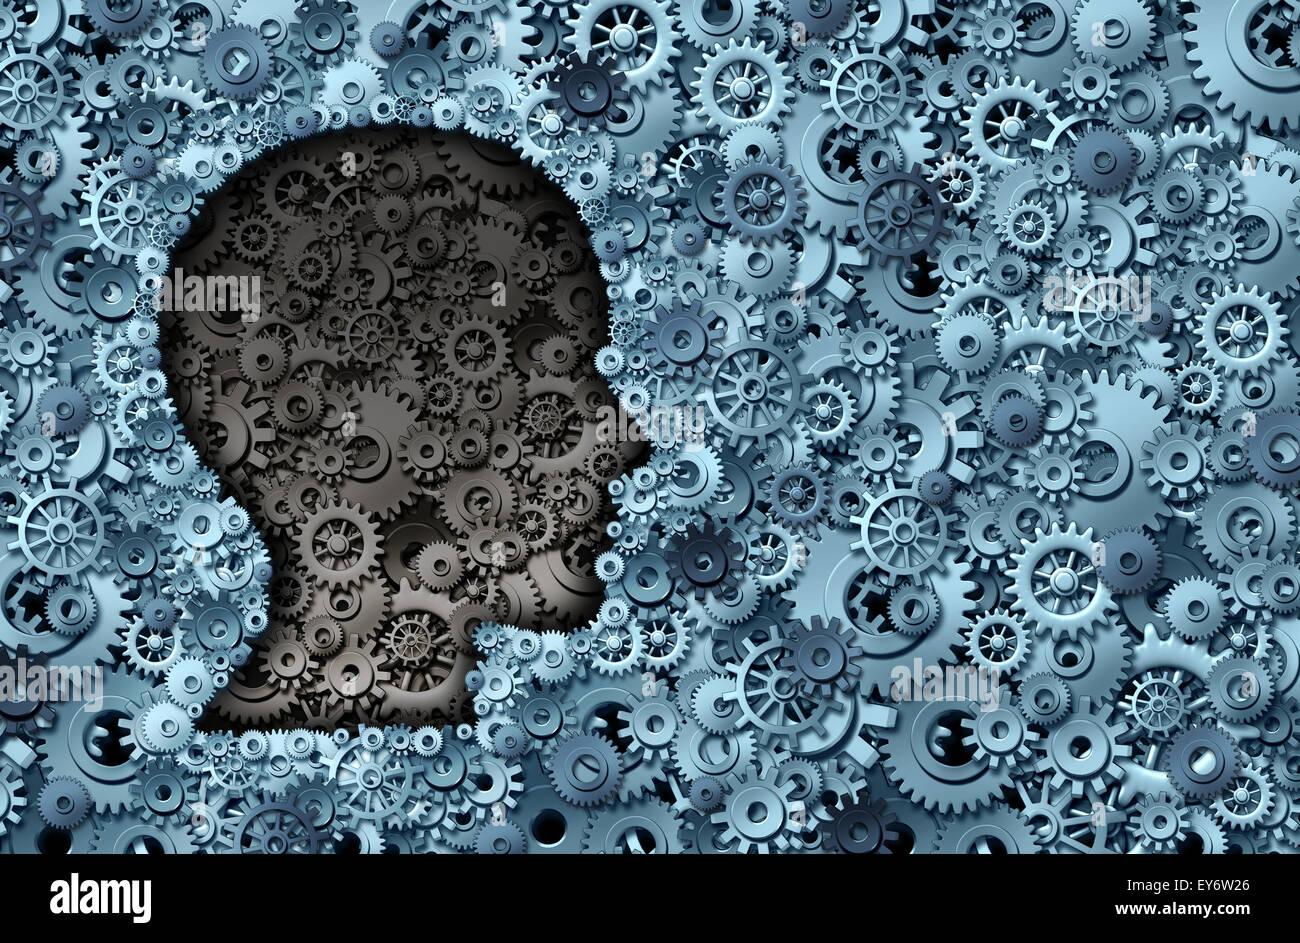 Machine d'intelligence et de cerveau humain comme une machine ou de la technologie de la pensée médicale neurologie symbole avec une forme de la tête faite de rouages et d'engrenages stratégie représentant l'activité neurologique psychologique et mental. Banque D'Images